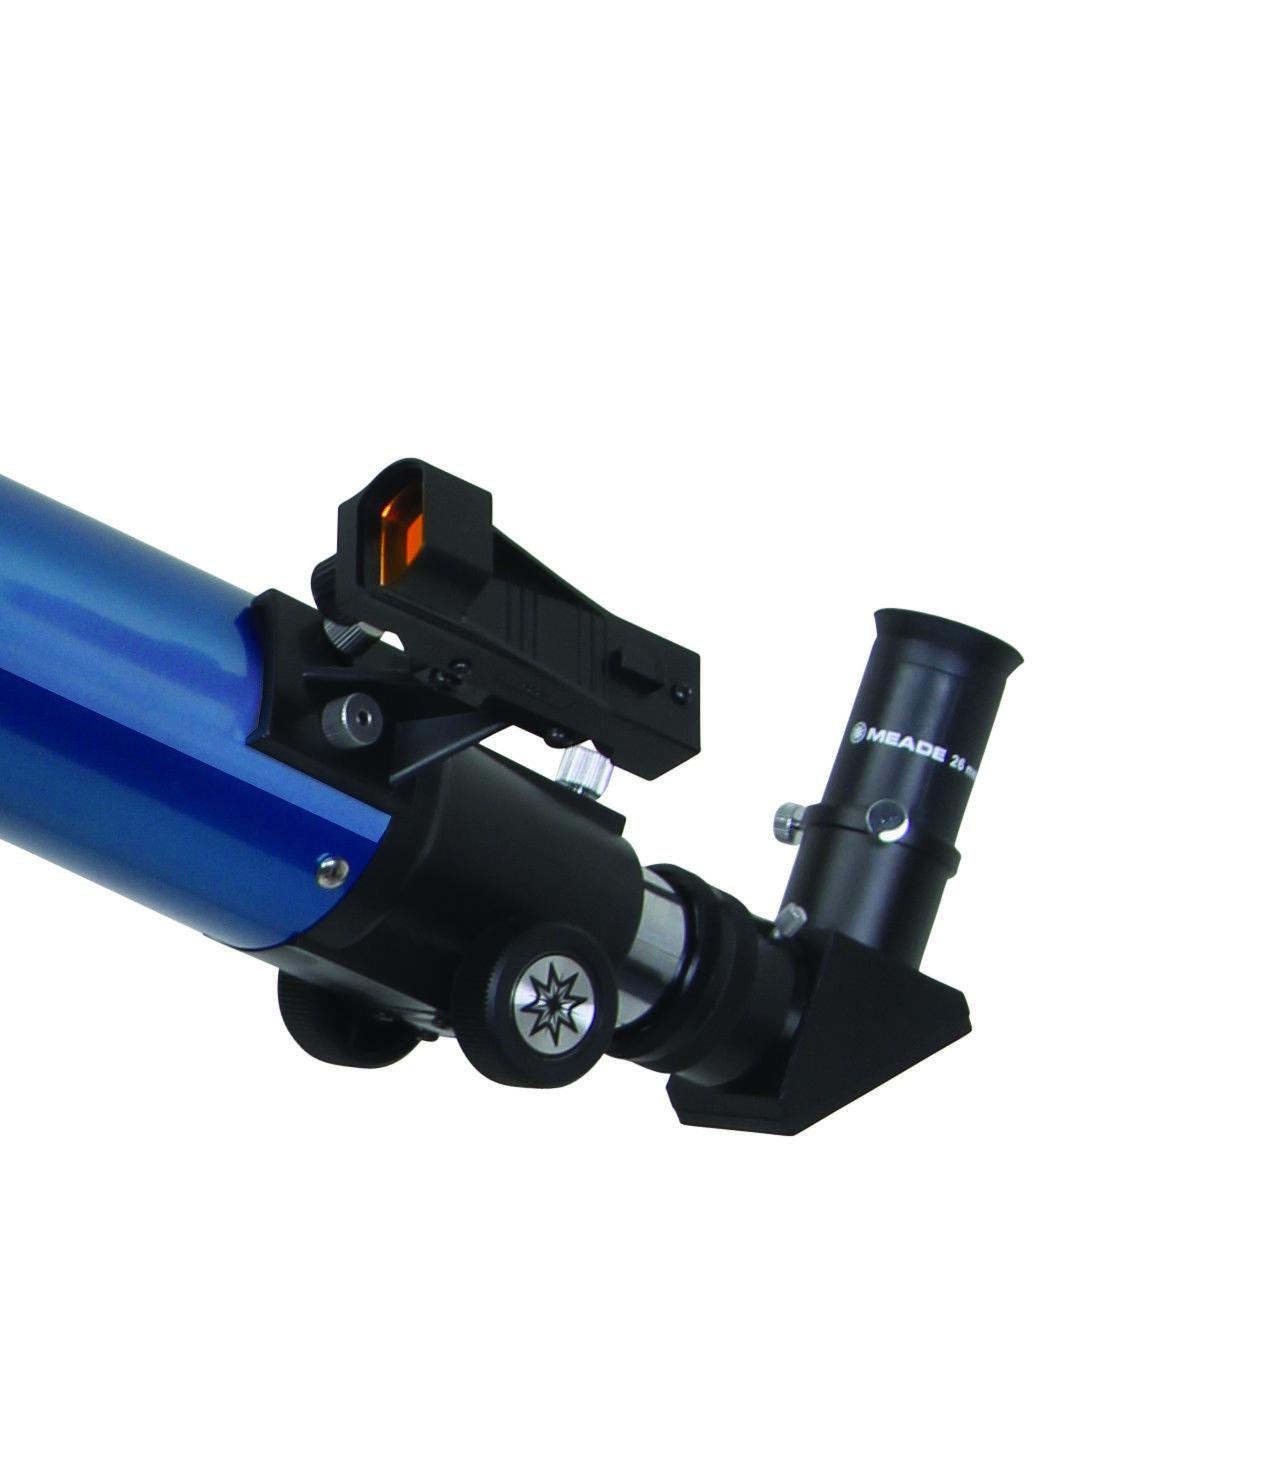 Kính thiên văn chính hãng Mỹ Meade Infinity đường kính 70mm, giá đỡ Altazimuth